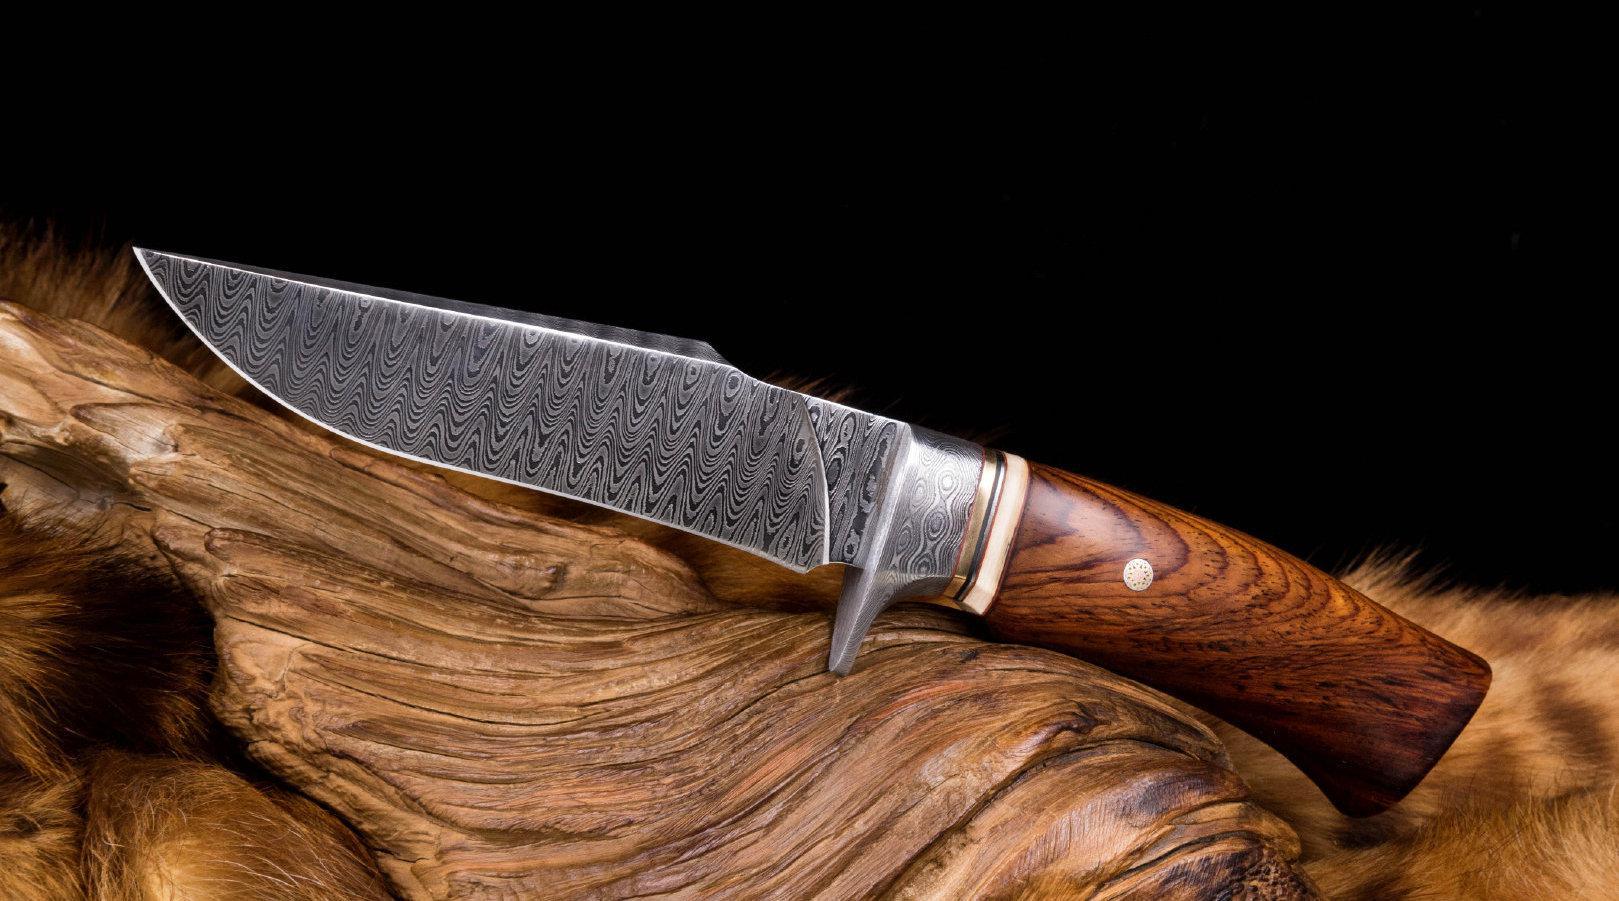 鲨鱼鳍造型反刃,简洁有力,粗犷而不失优雅。这样的博伊刀……